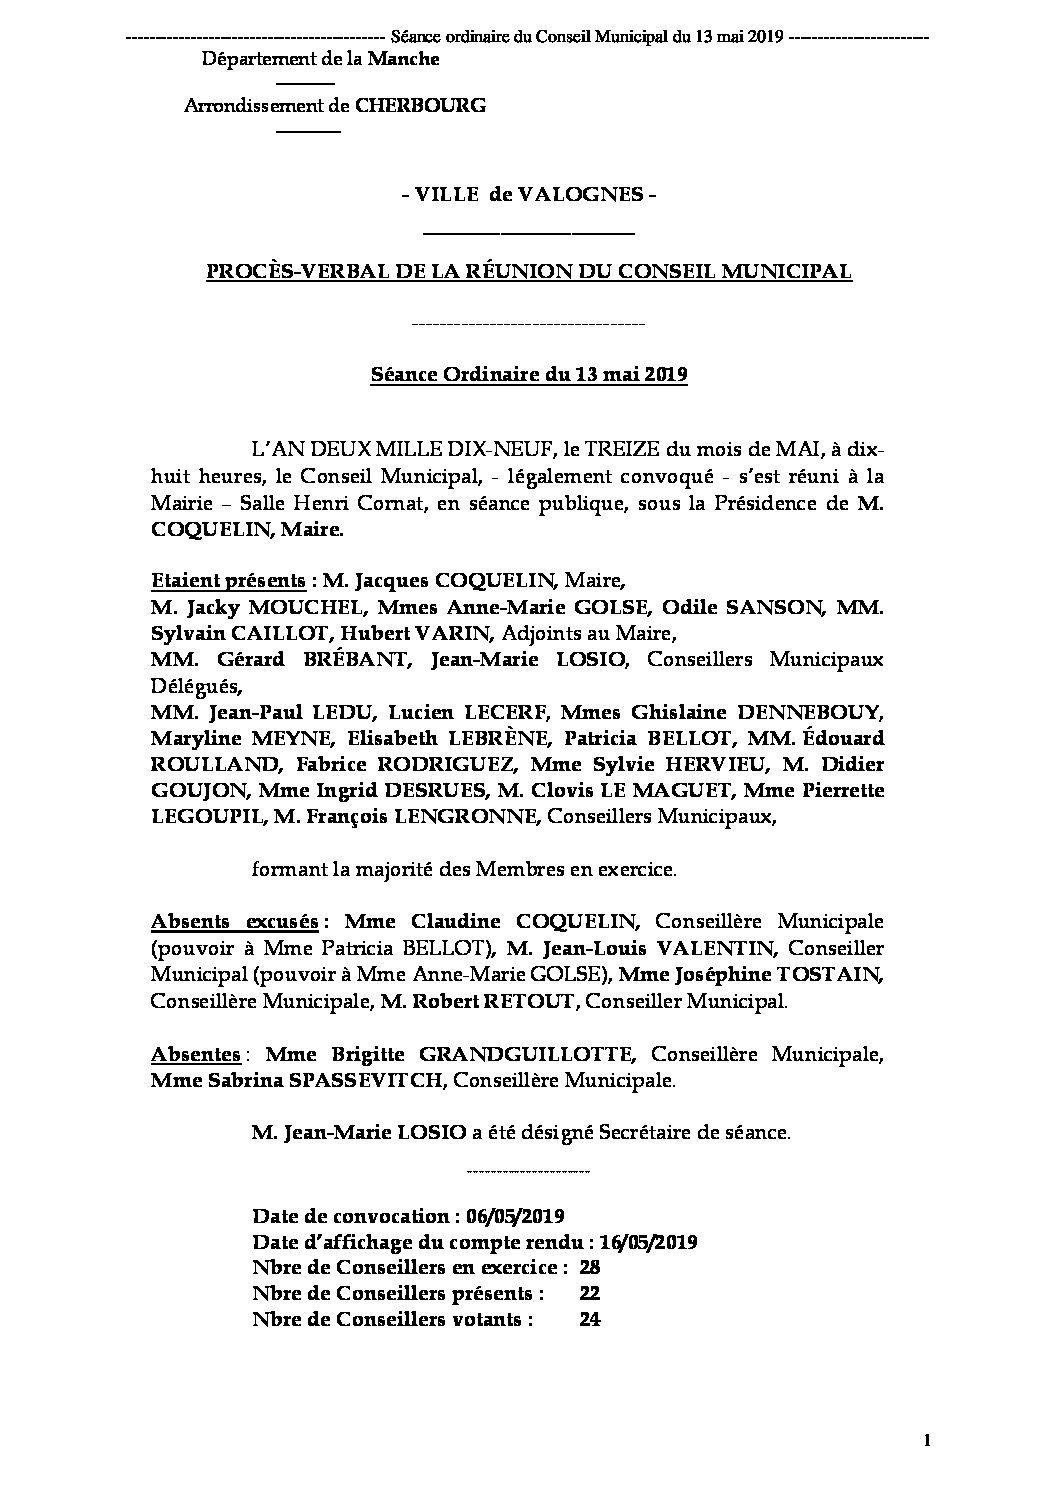 Procès-verbal de la séance du CM du 13 05 19 - Procès-verbal de la séance du Conseil Municipal du 13 mai 2019, approuvé à l